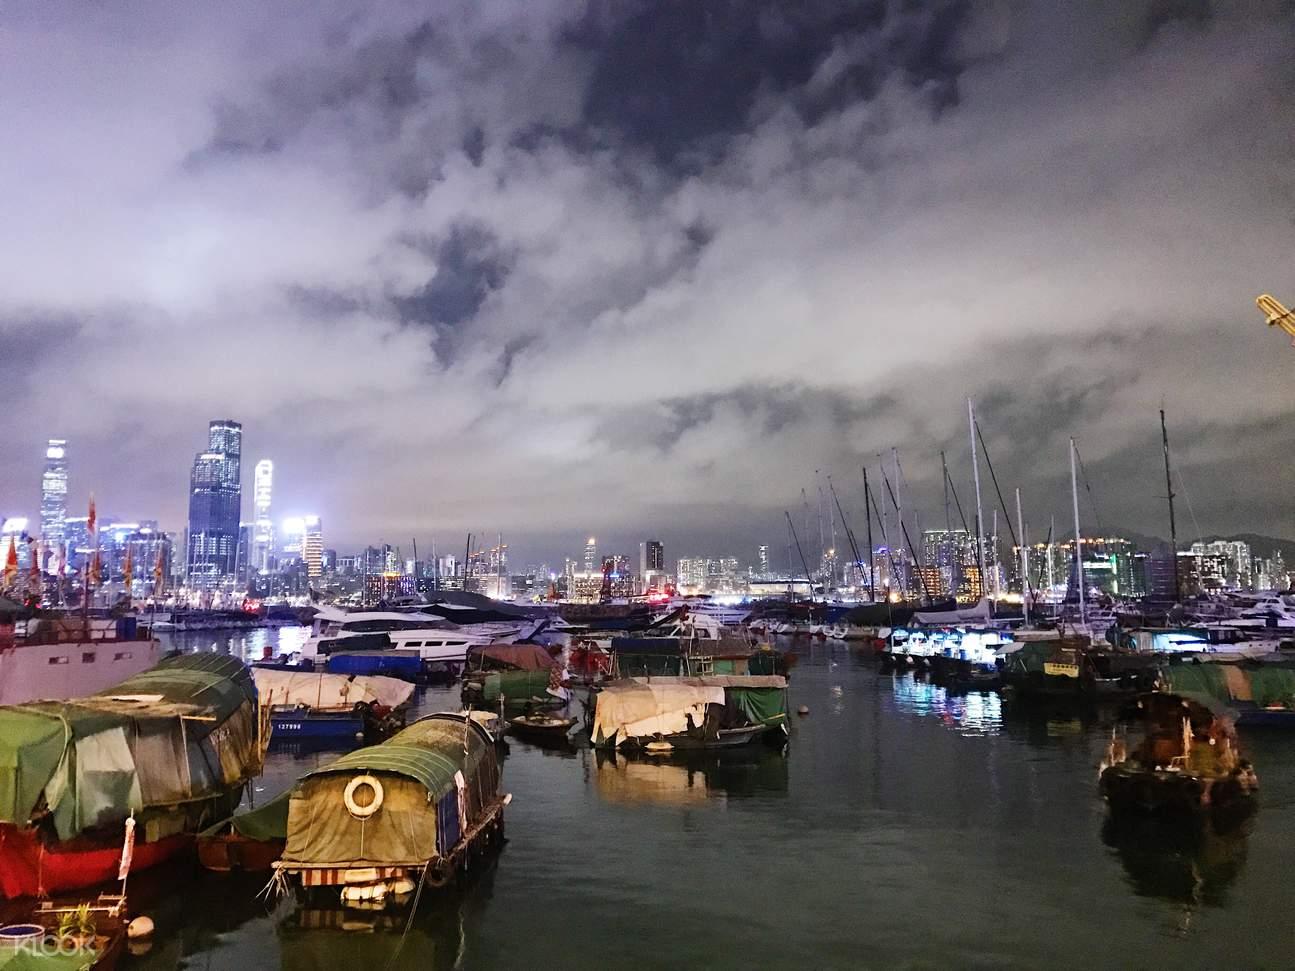 香港海鲜,避风塘海鲜,香港美食,香港打小人,香港传统习俗,香港渔港风情